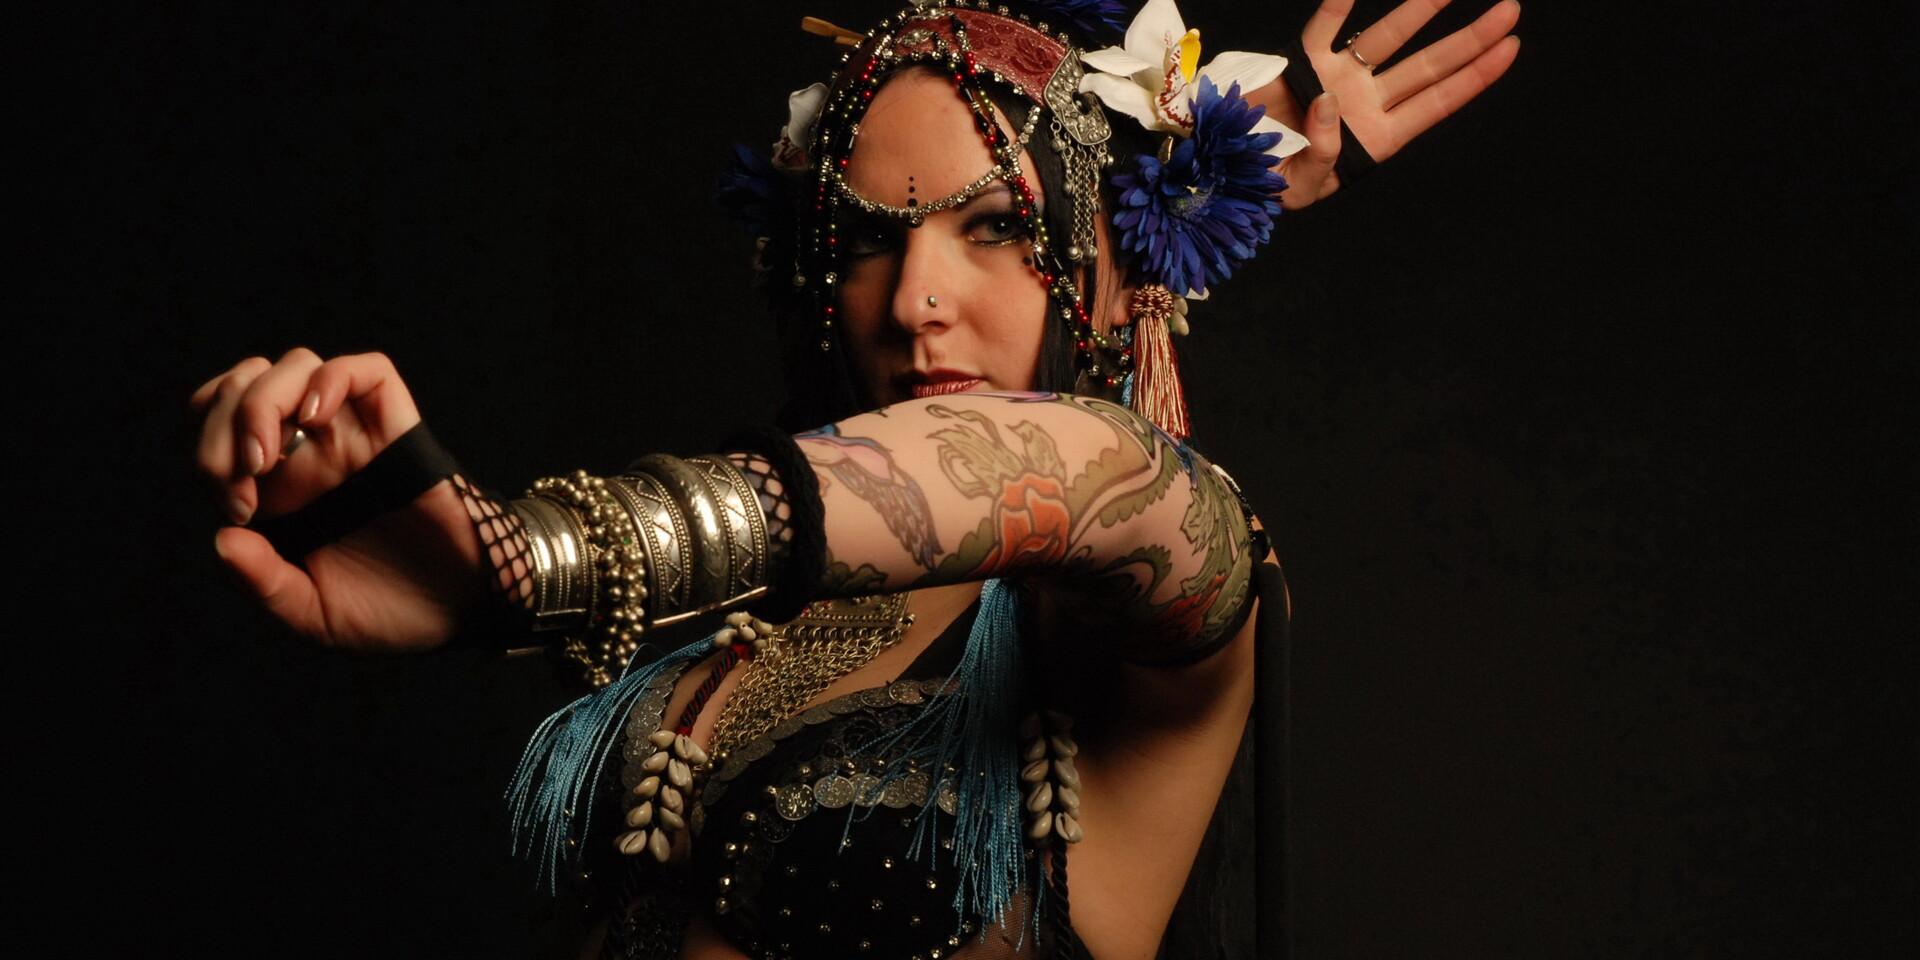 Kurzy orientálneho tanca, ktoré vás naplnia ženskou energiou a sebavedomím